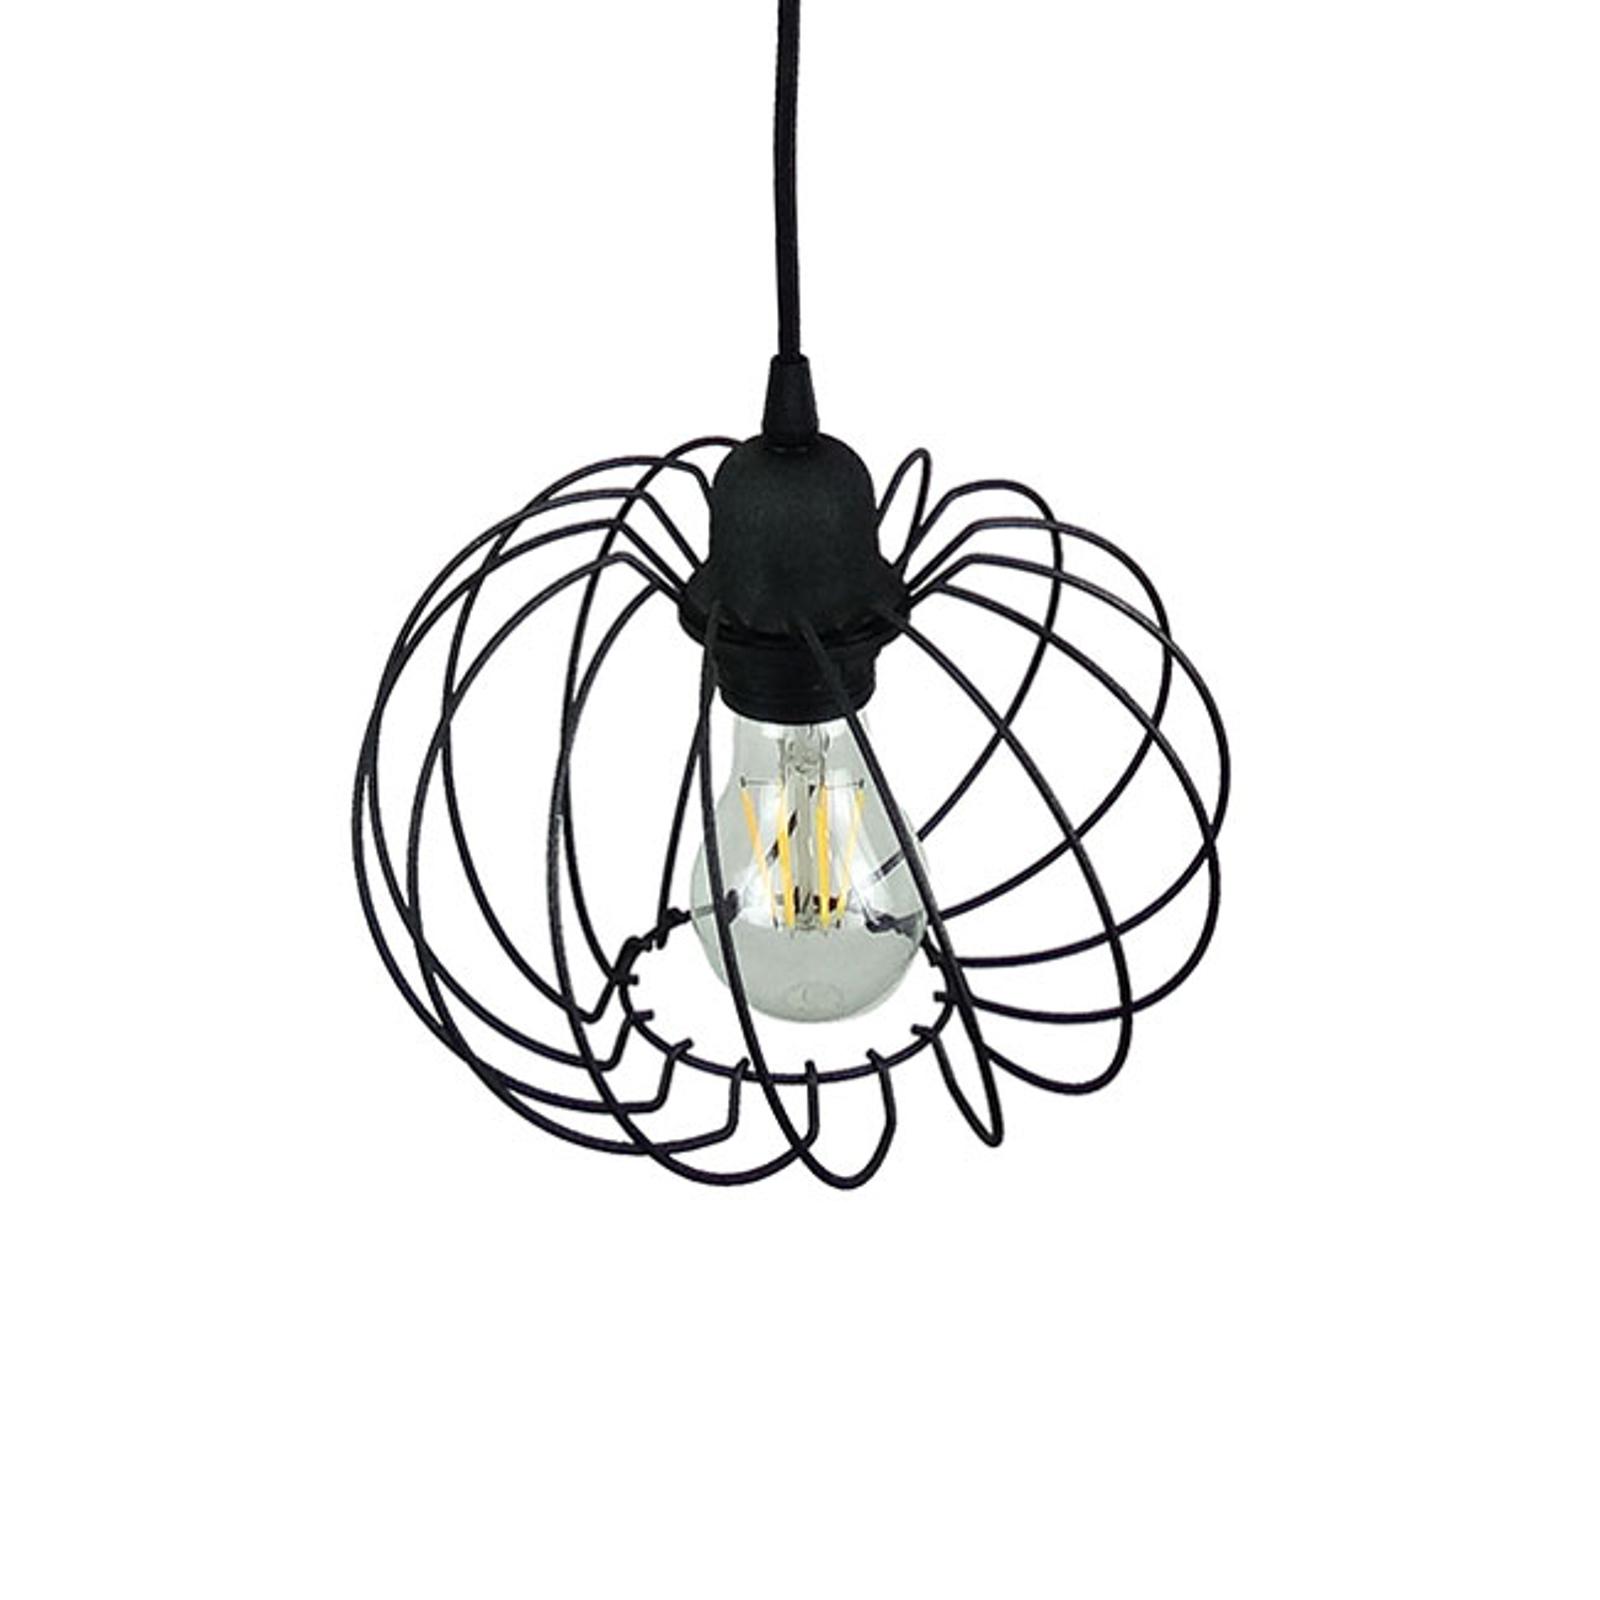 Lampada a sospensione Kula, 1 luce, Ø 22 cm, nero